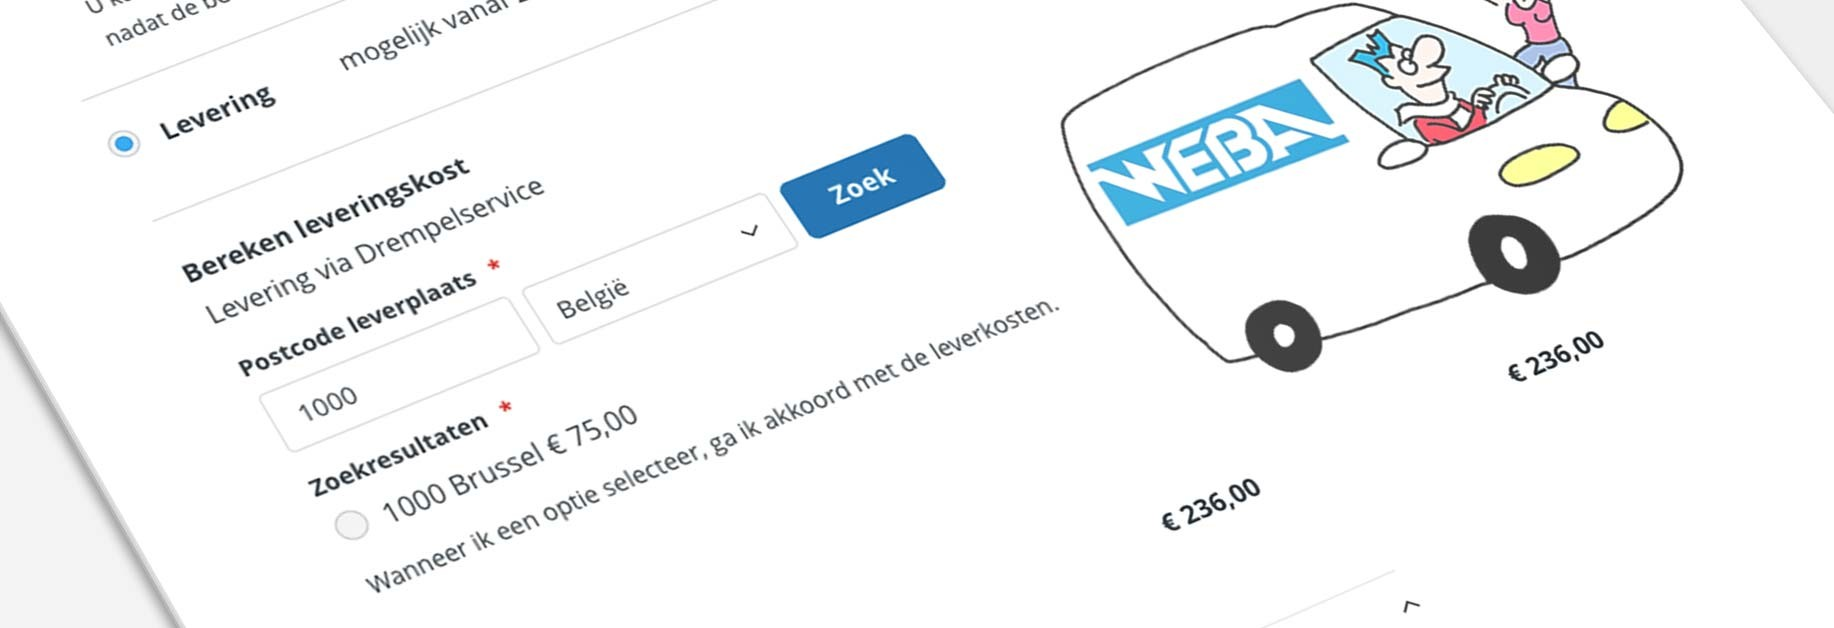 Weba logistics